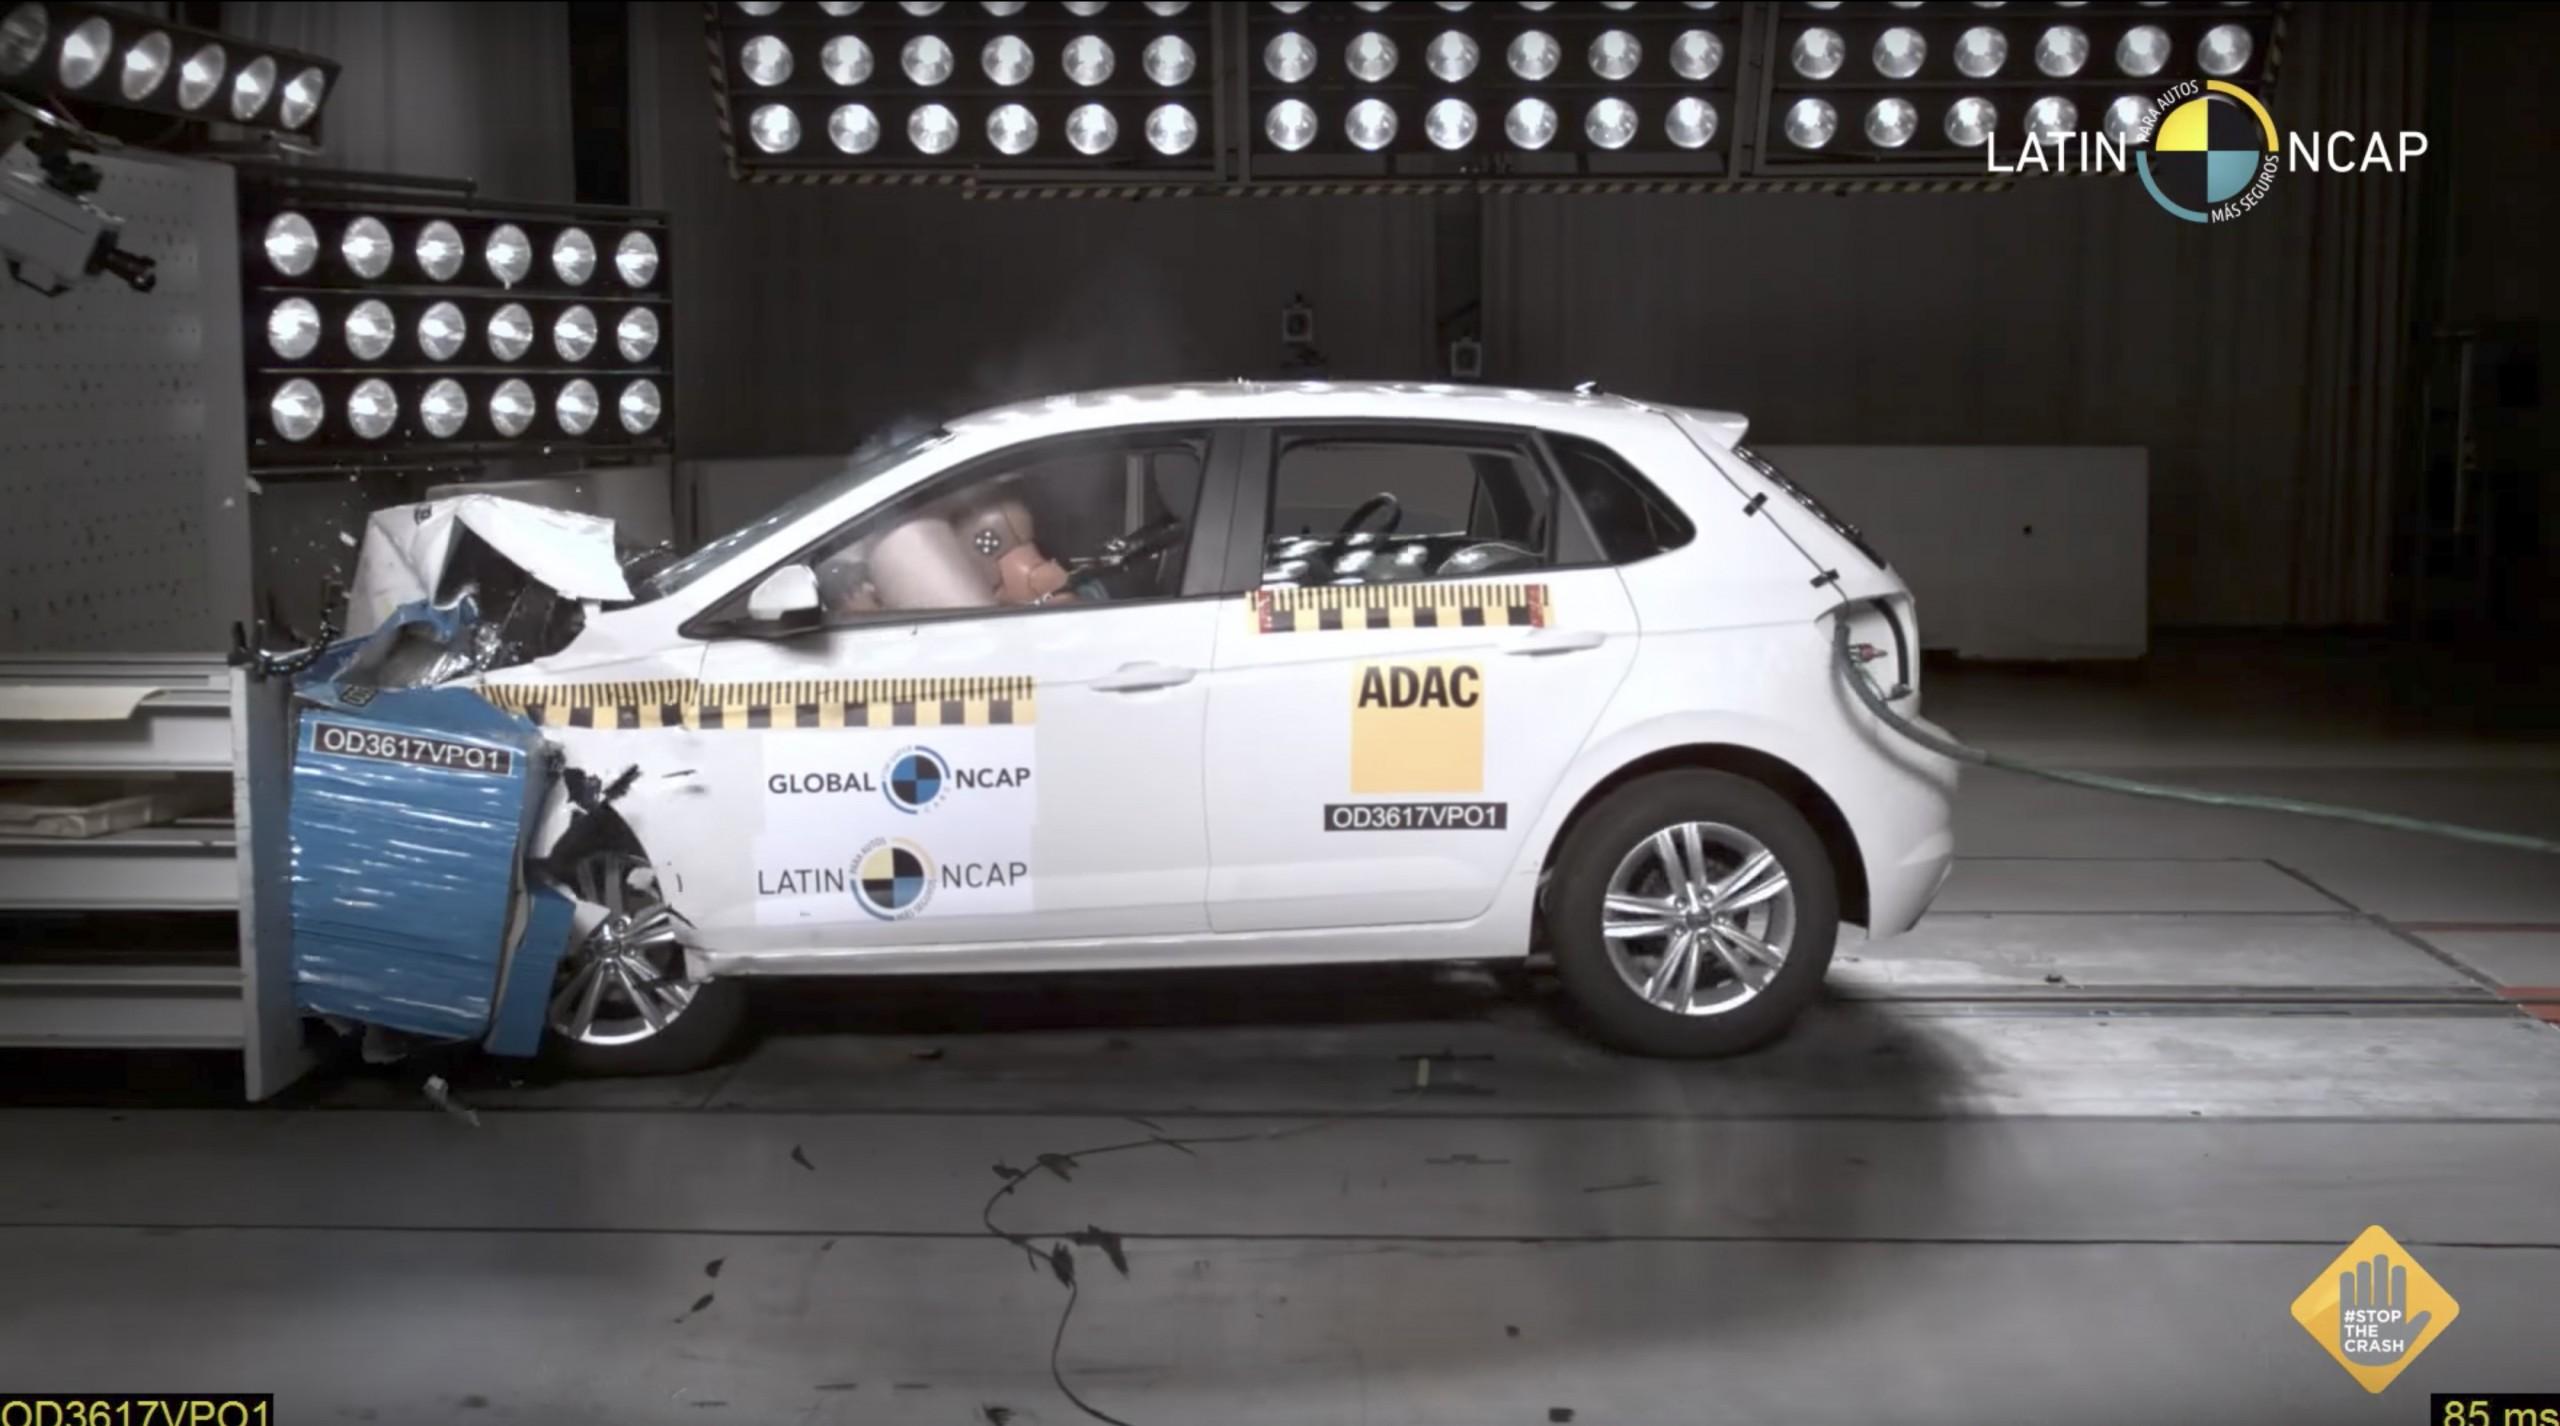 Latin NCAP crash test teste impacto Volkswagen Polo 26 set 2018